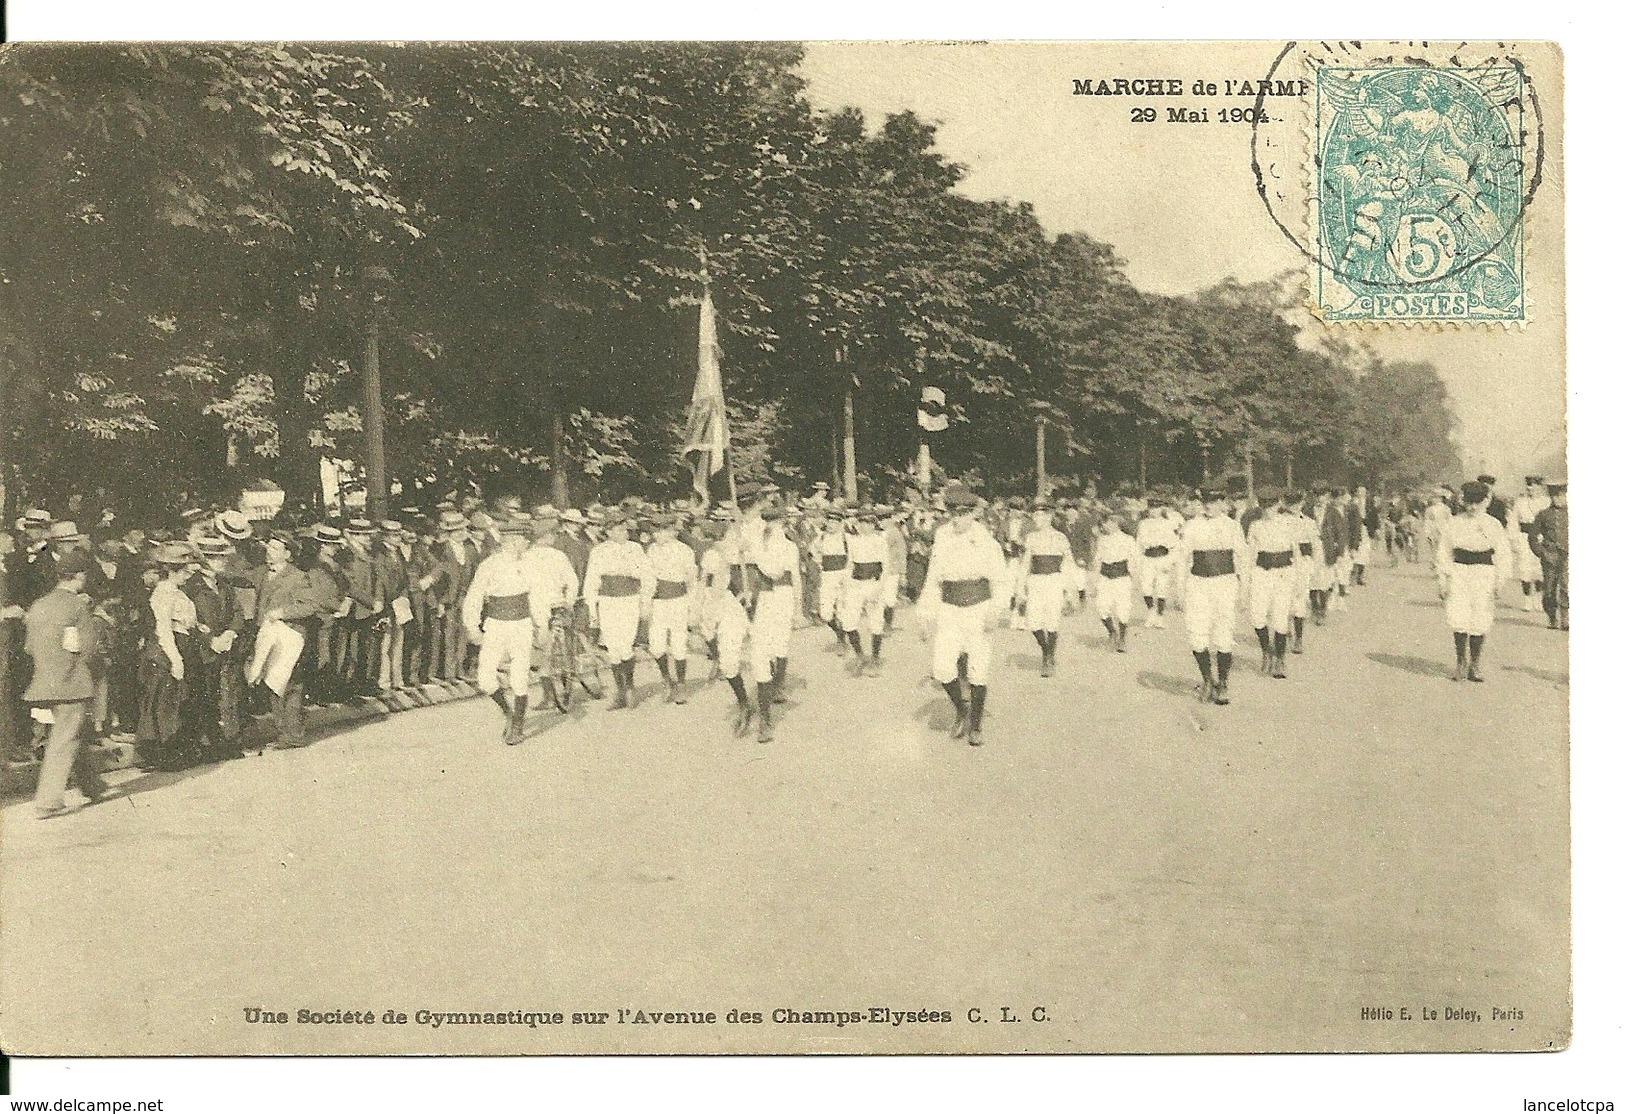 75 - PARIS / MARCHE DE L'ARMEE 29 MAI 1904 - SOCIETE DE GYMNASTIQUE SUR L'AVENUE DES CHAMPS ELYSEES - France